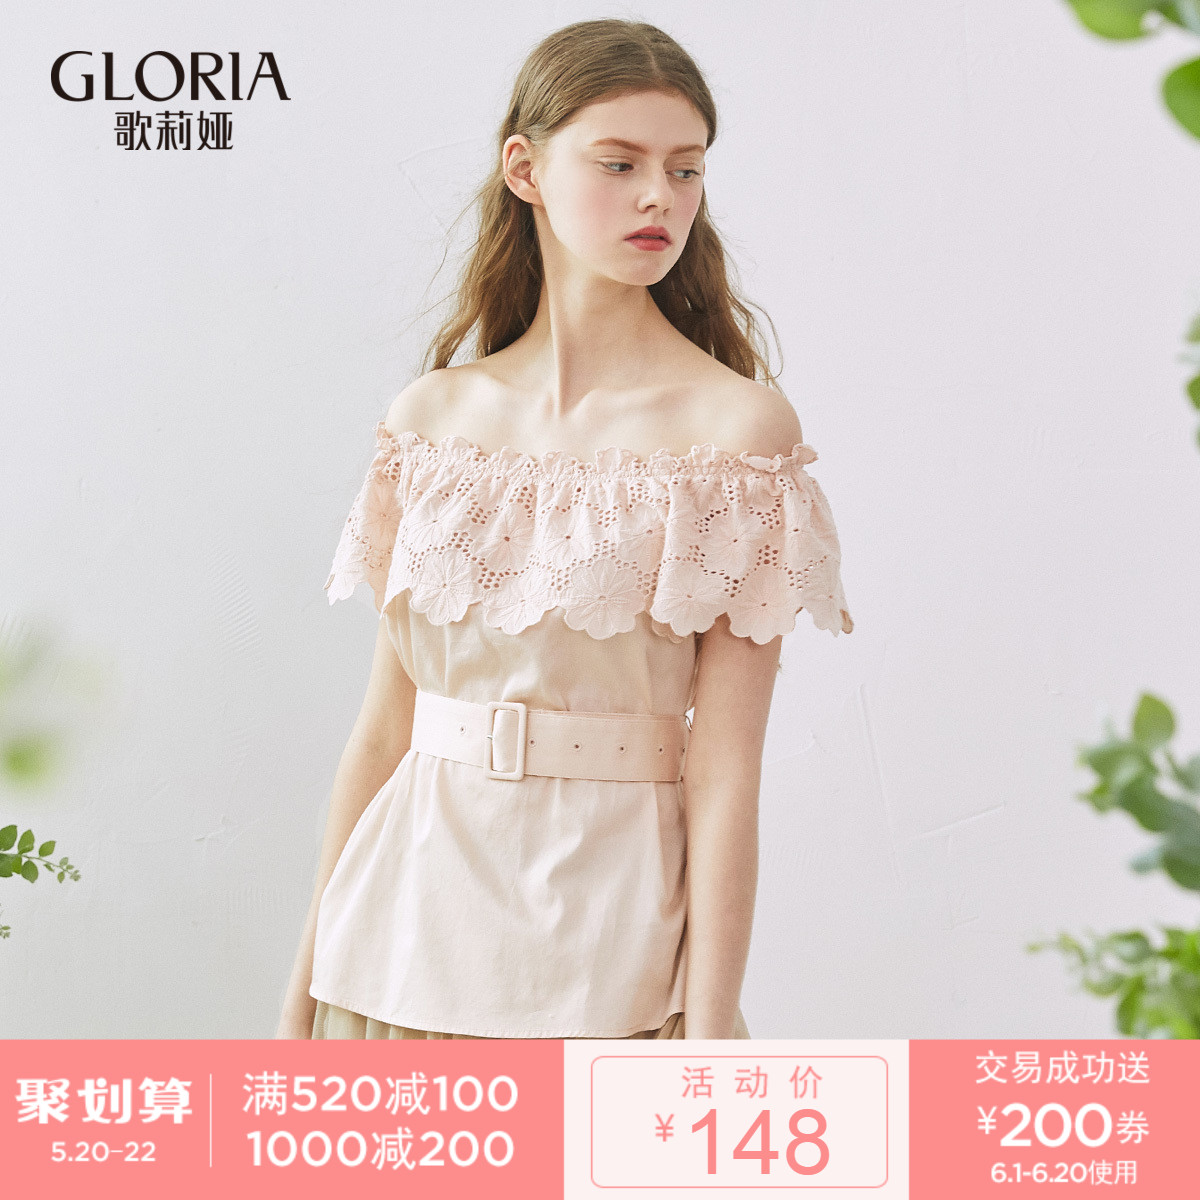 歌莉娅女装 GLORIA歌莉娅女装夏季新品全棉一字肩花边领上衣175C3B120_推荐淘宝好看的歌莉娅